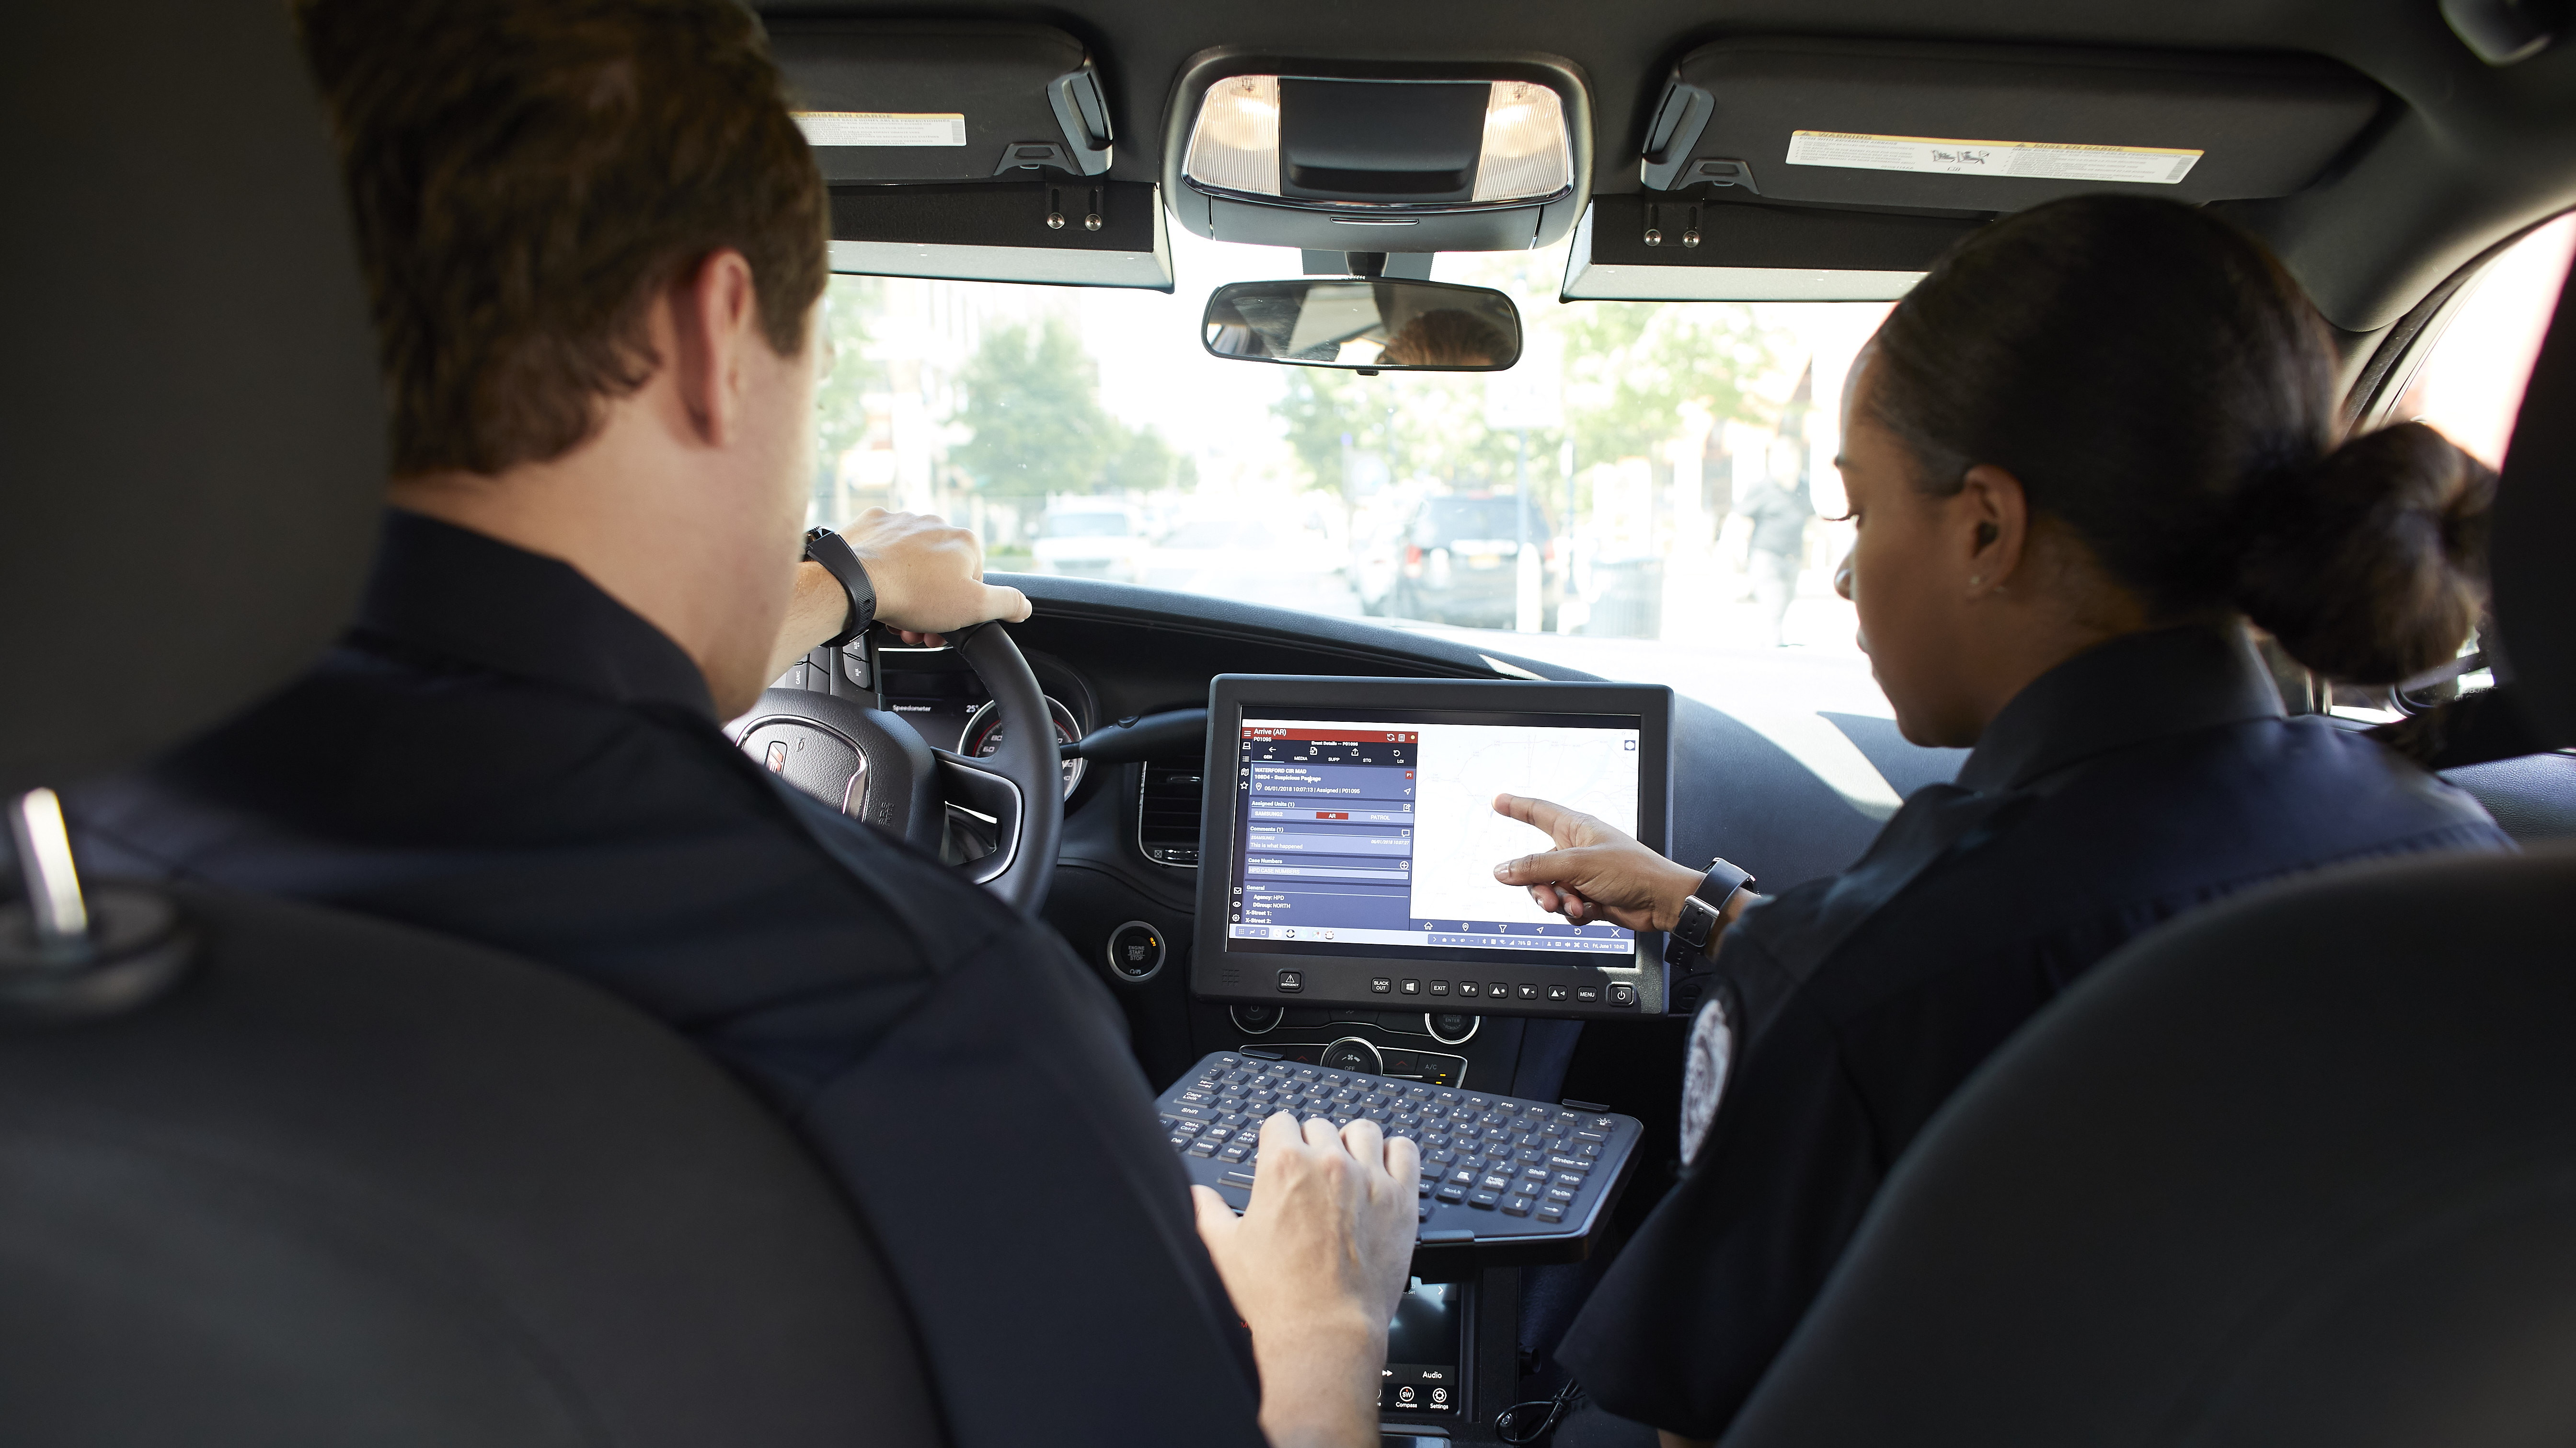 Samsung DeX in Car